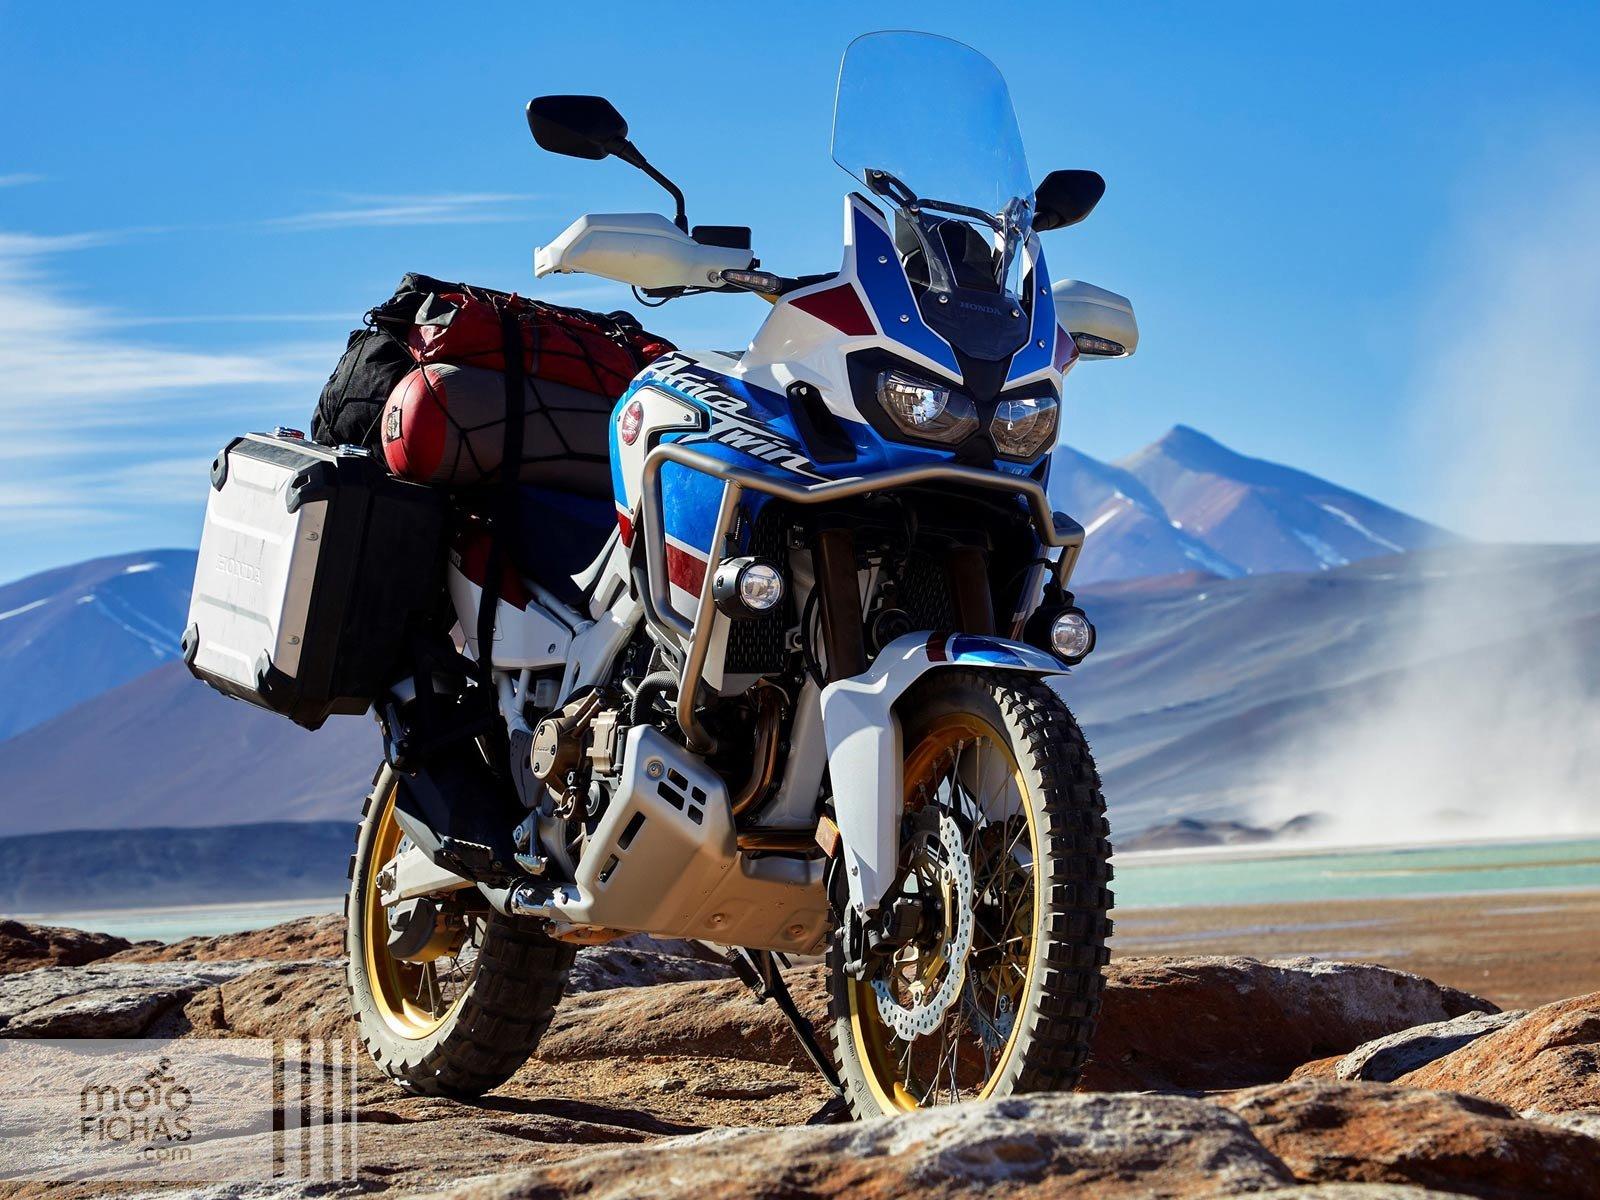 Honda Crf1000l Africa Twin Adventure Sports 2018 2019 Precio Ficha Opiniones Y Ofertas